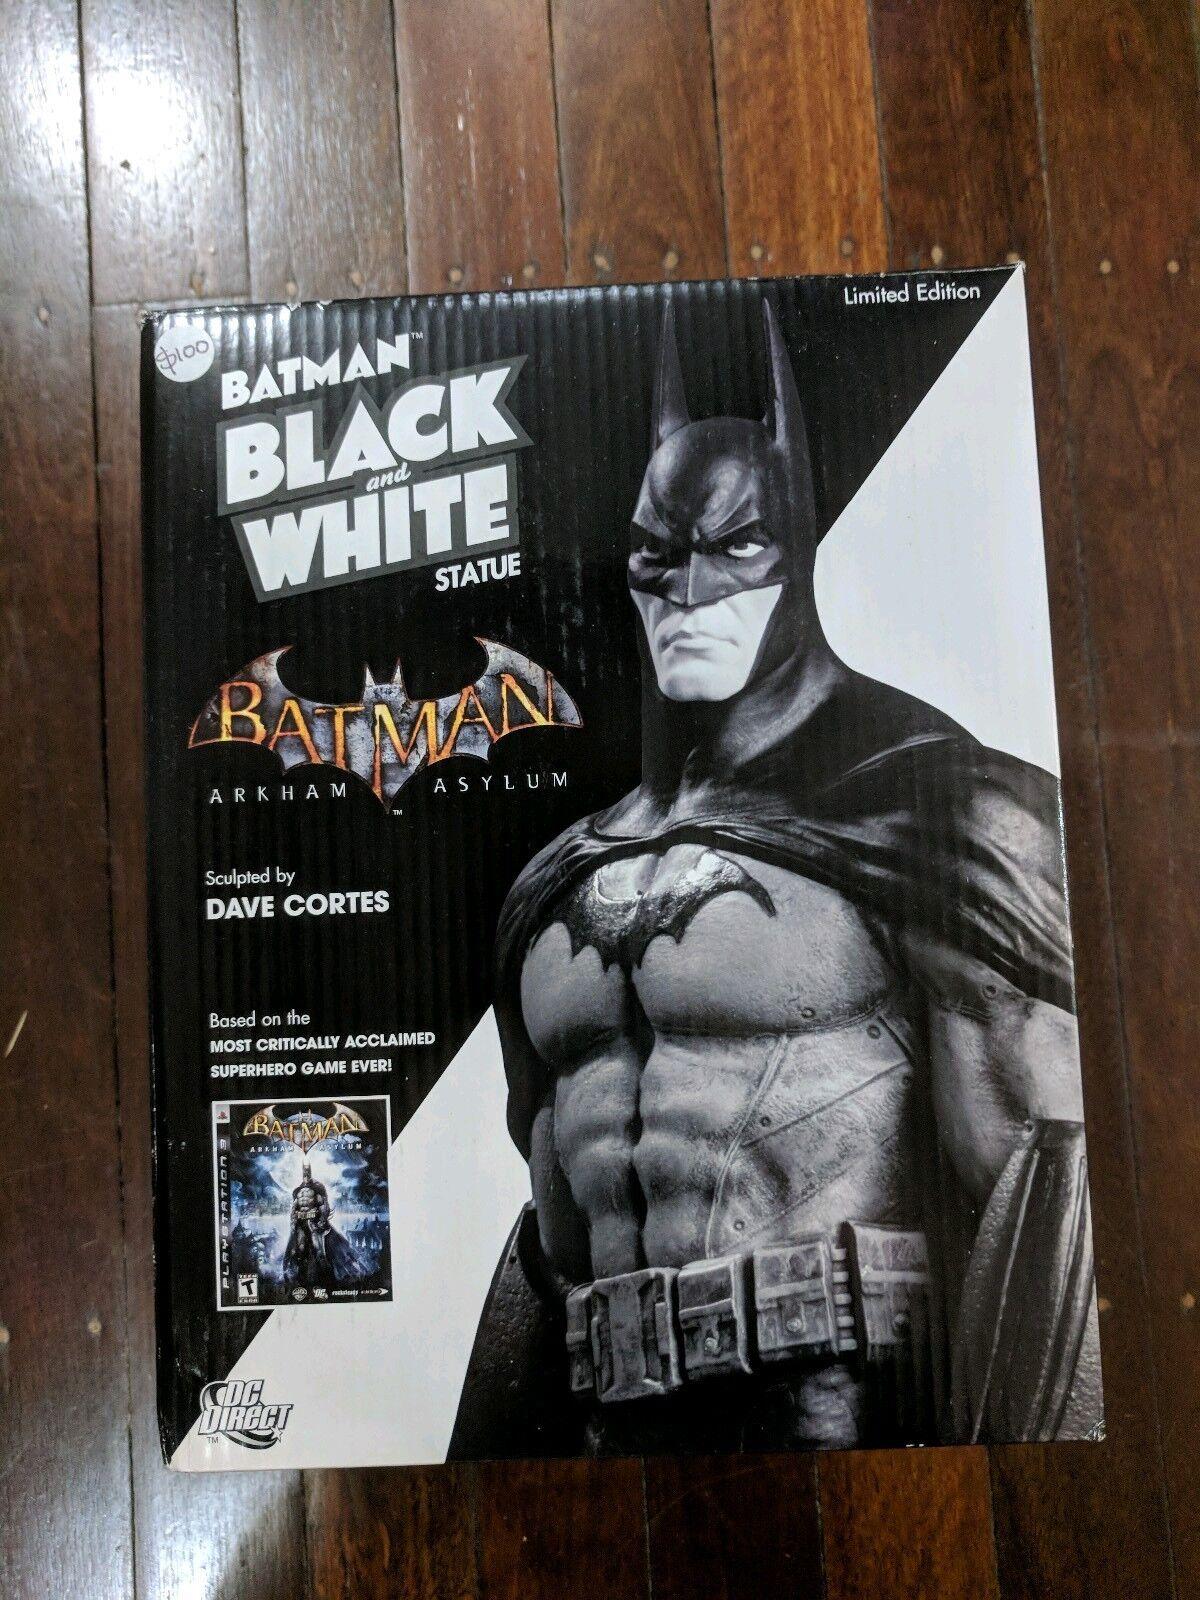 Estatua de blancoo y negro de Batman Arkham Asylum, Dave Cortes